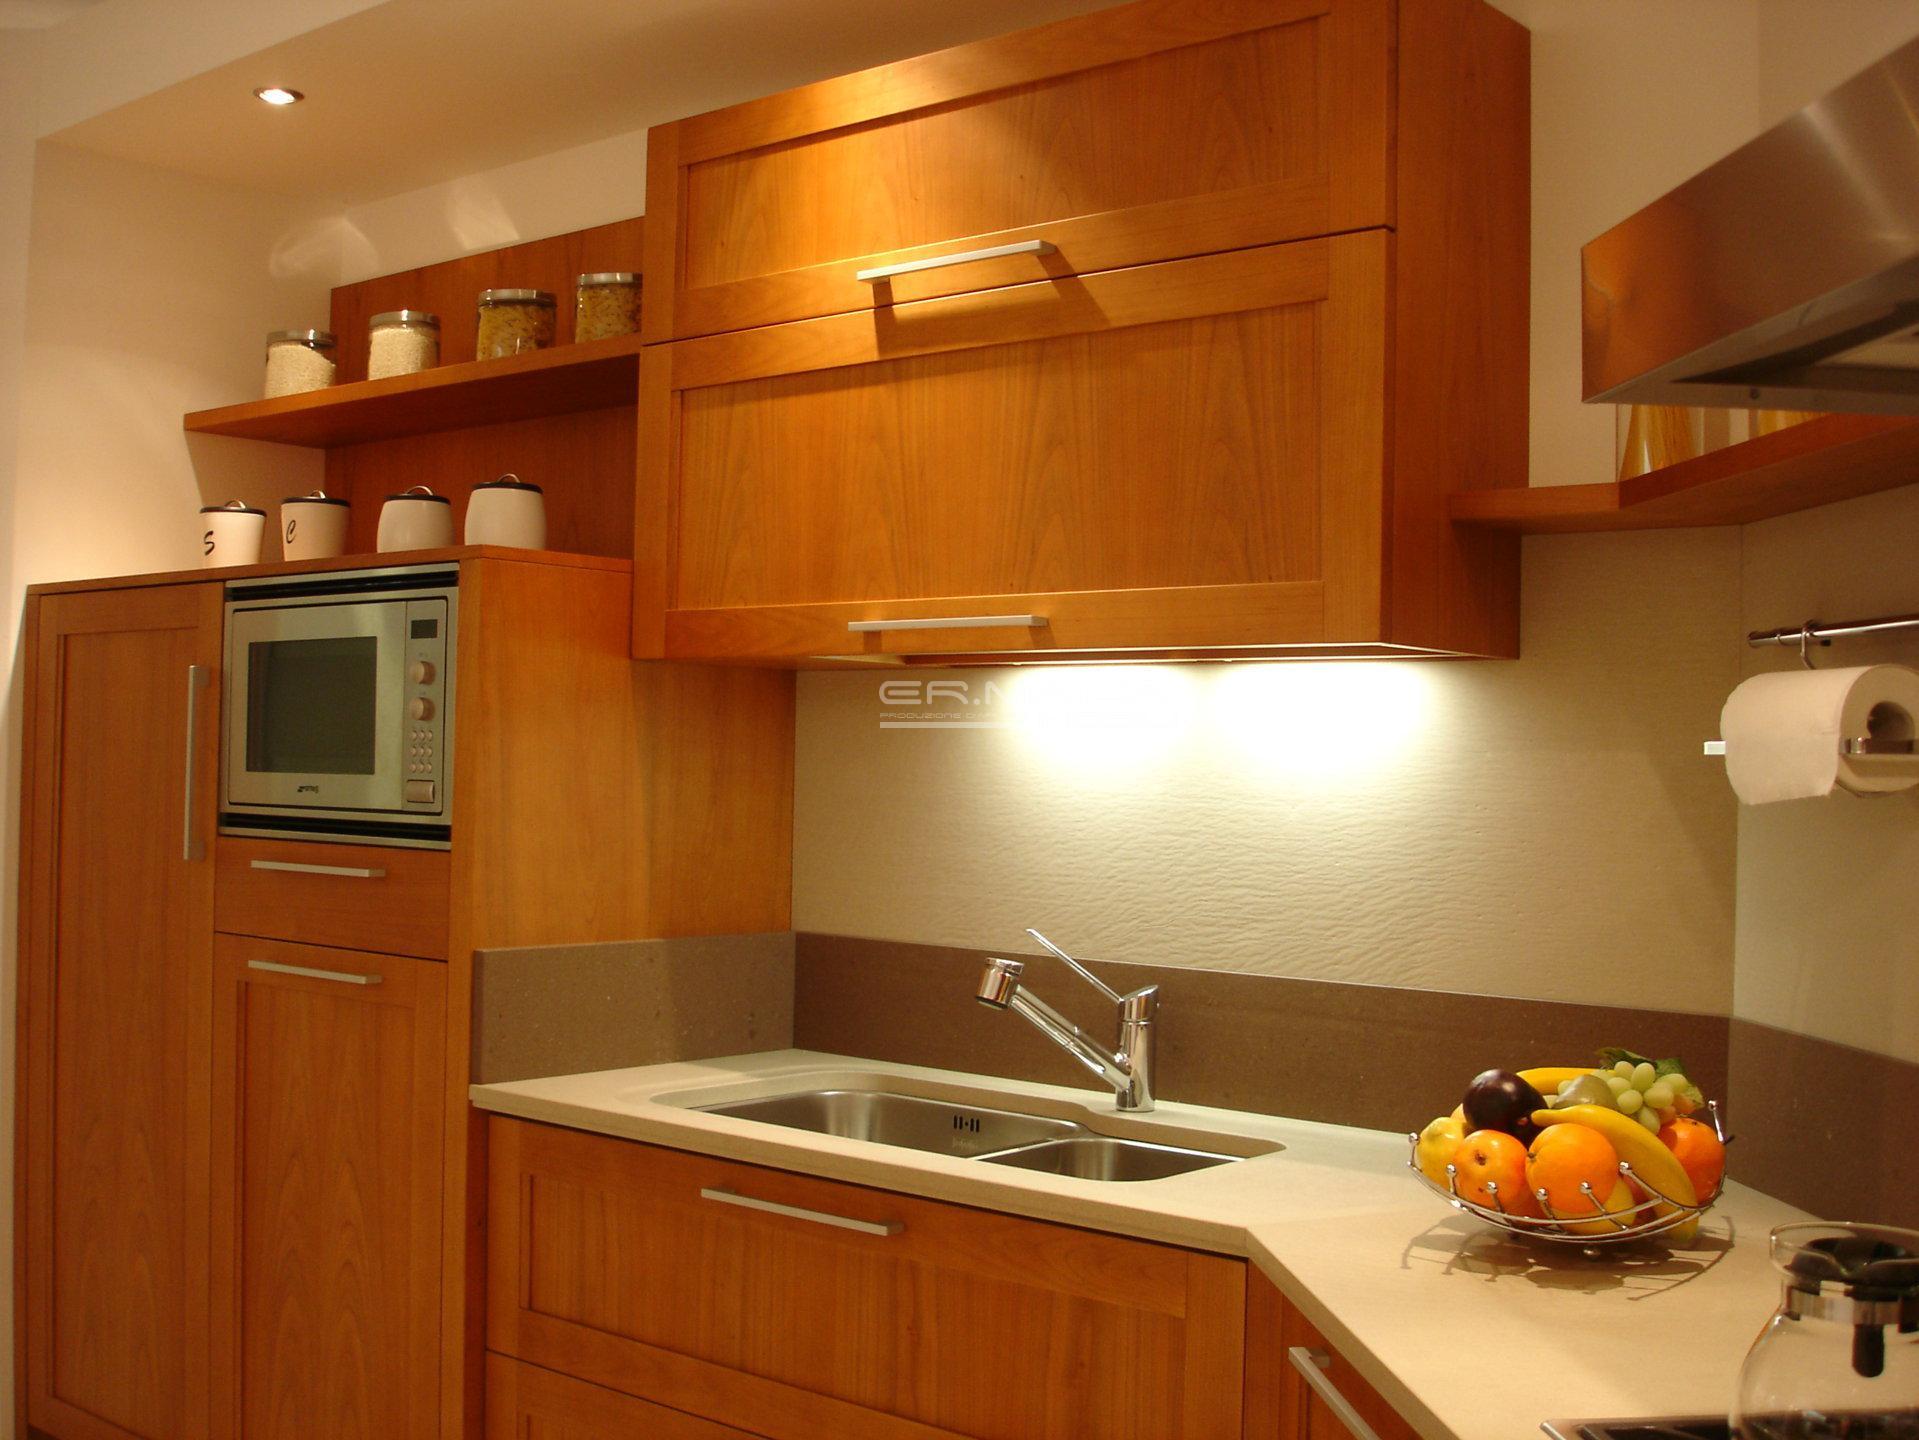 12 Cucina a telaio in ciliegio chiaro - ER. MA. DA. Mobilificio ...